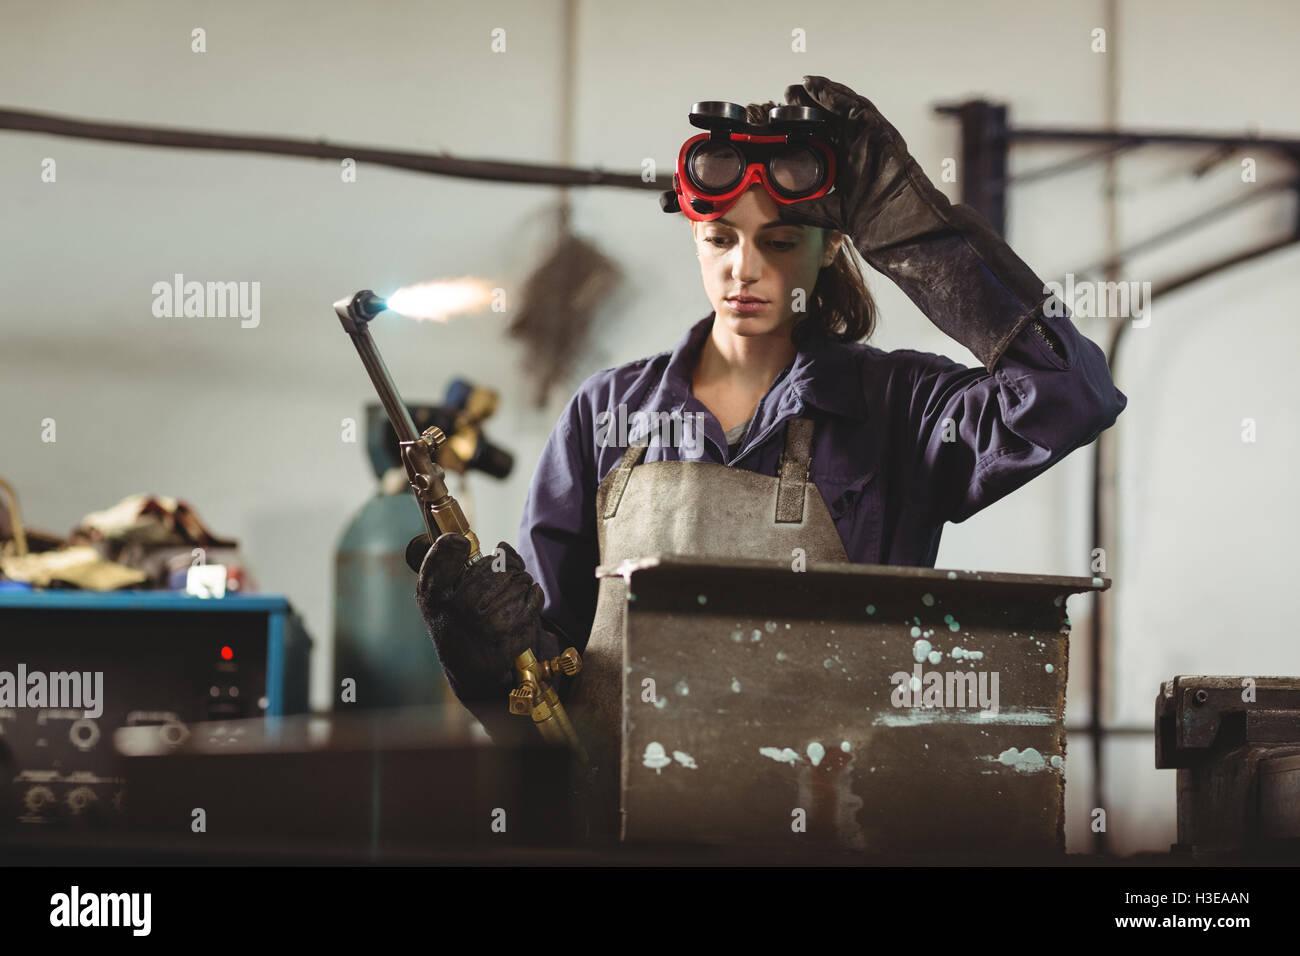 Female welder holding welding torch - Stock Image